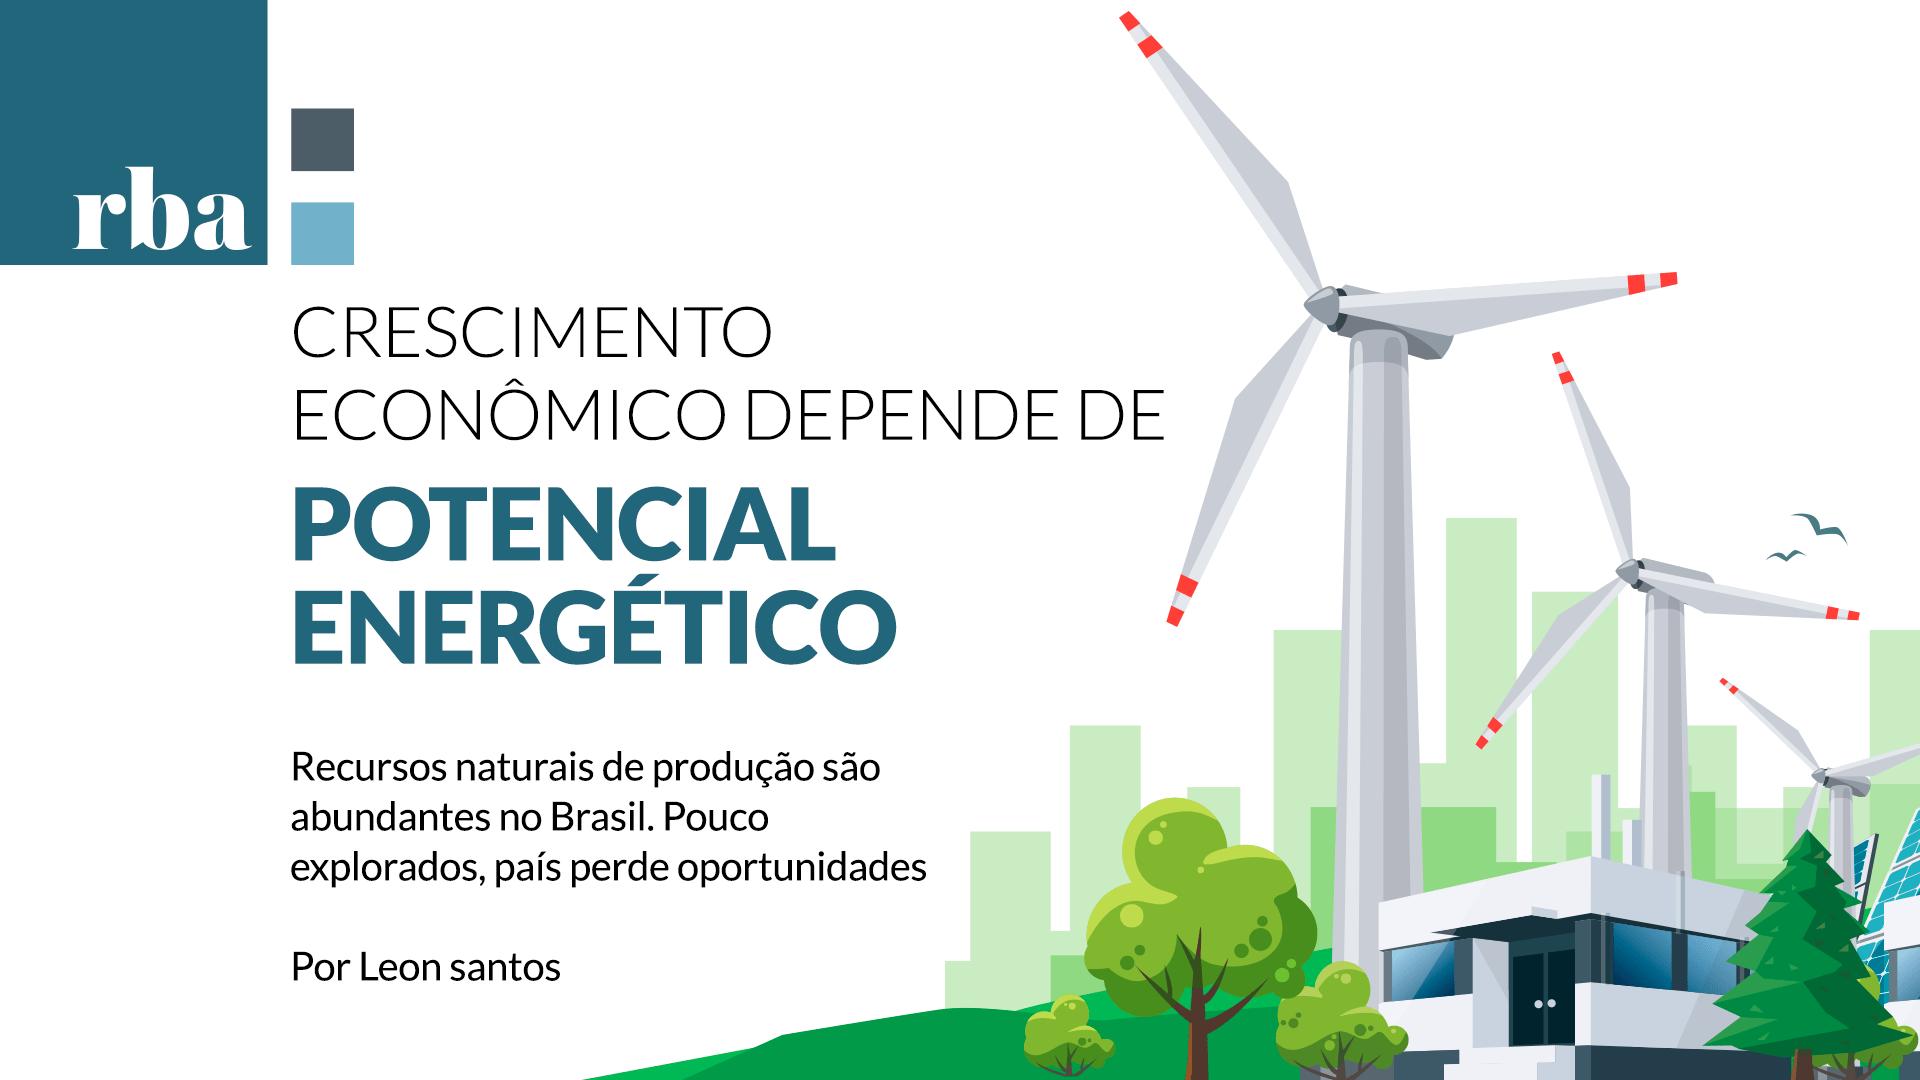 Qual é o tamanho do potencial energético do Brasil?